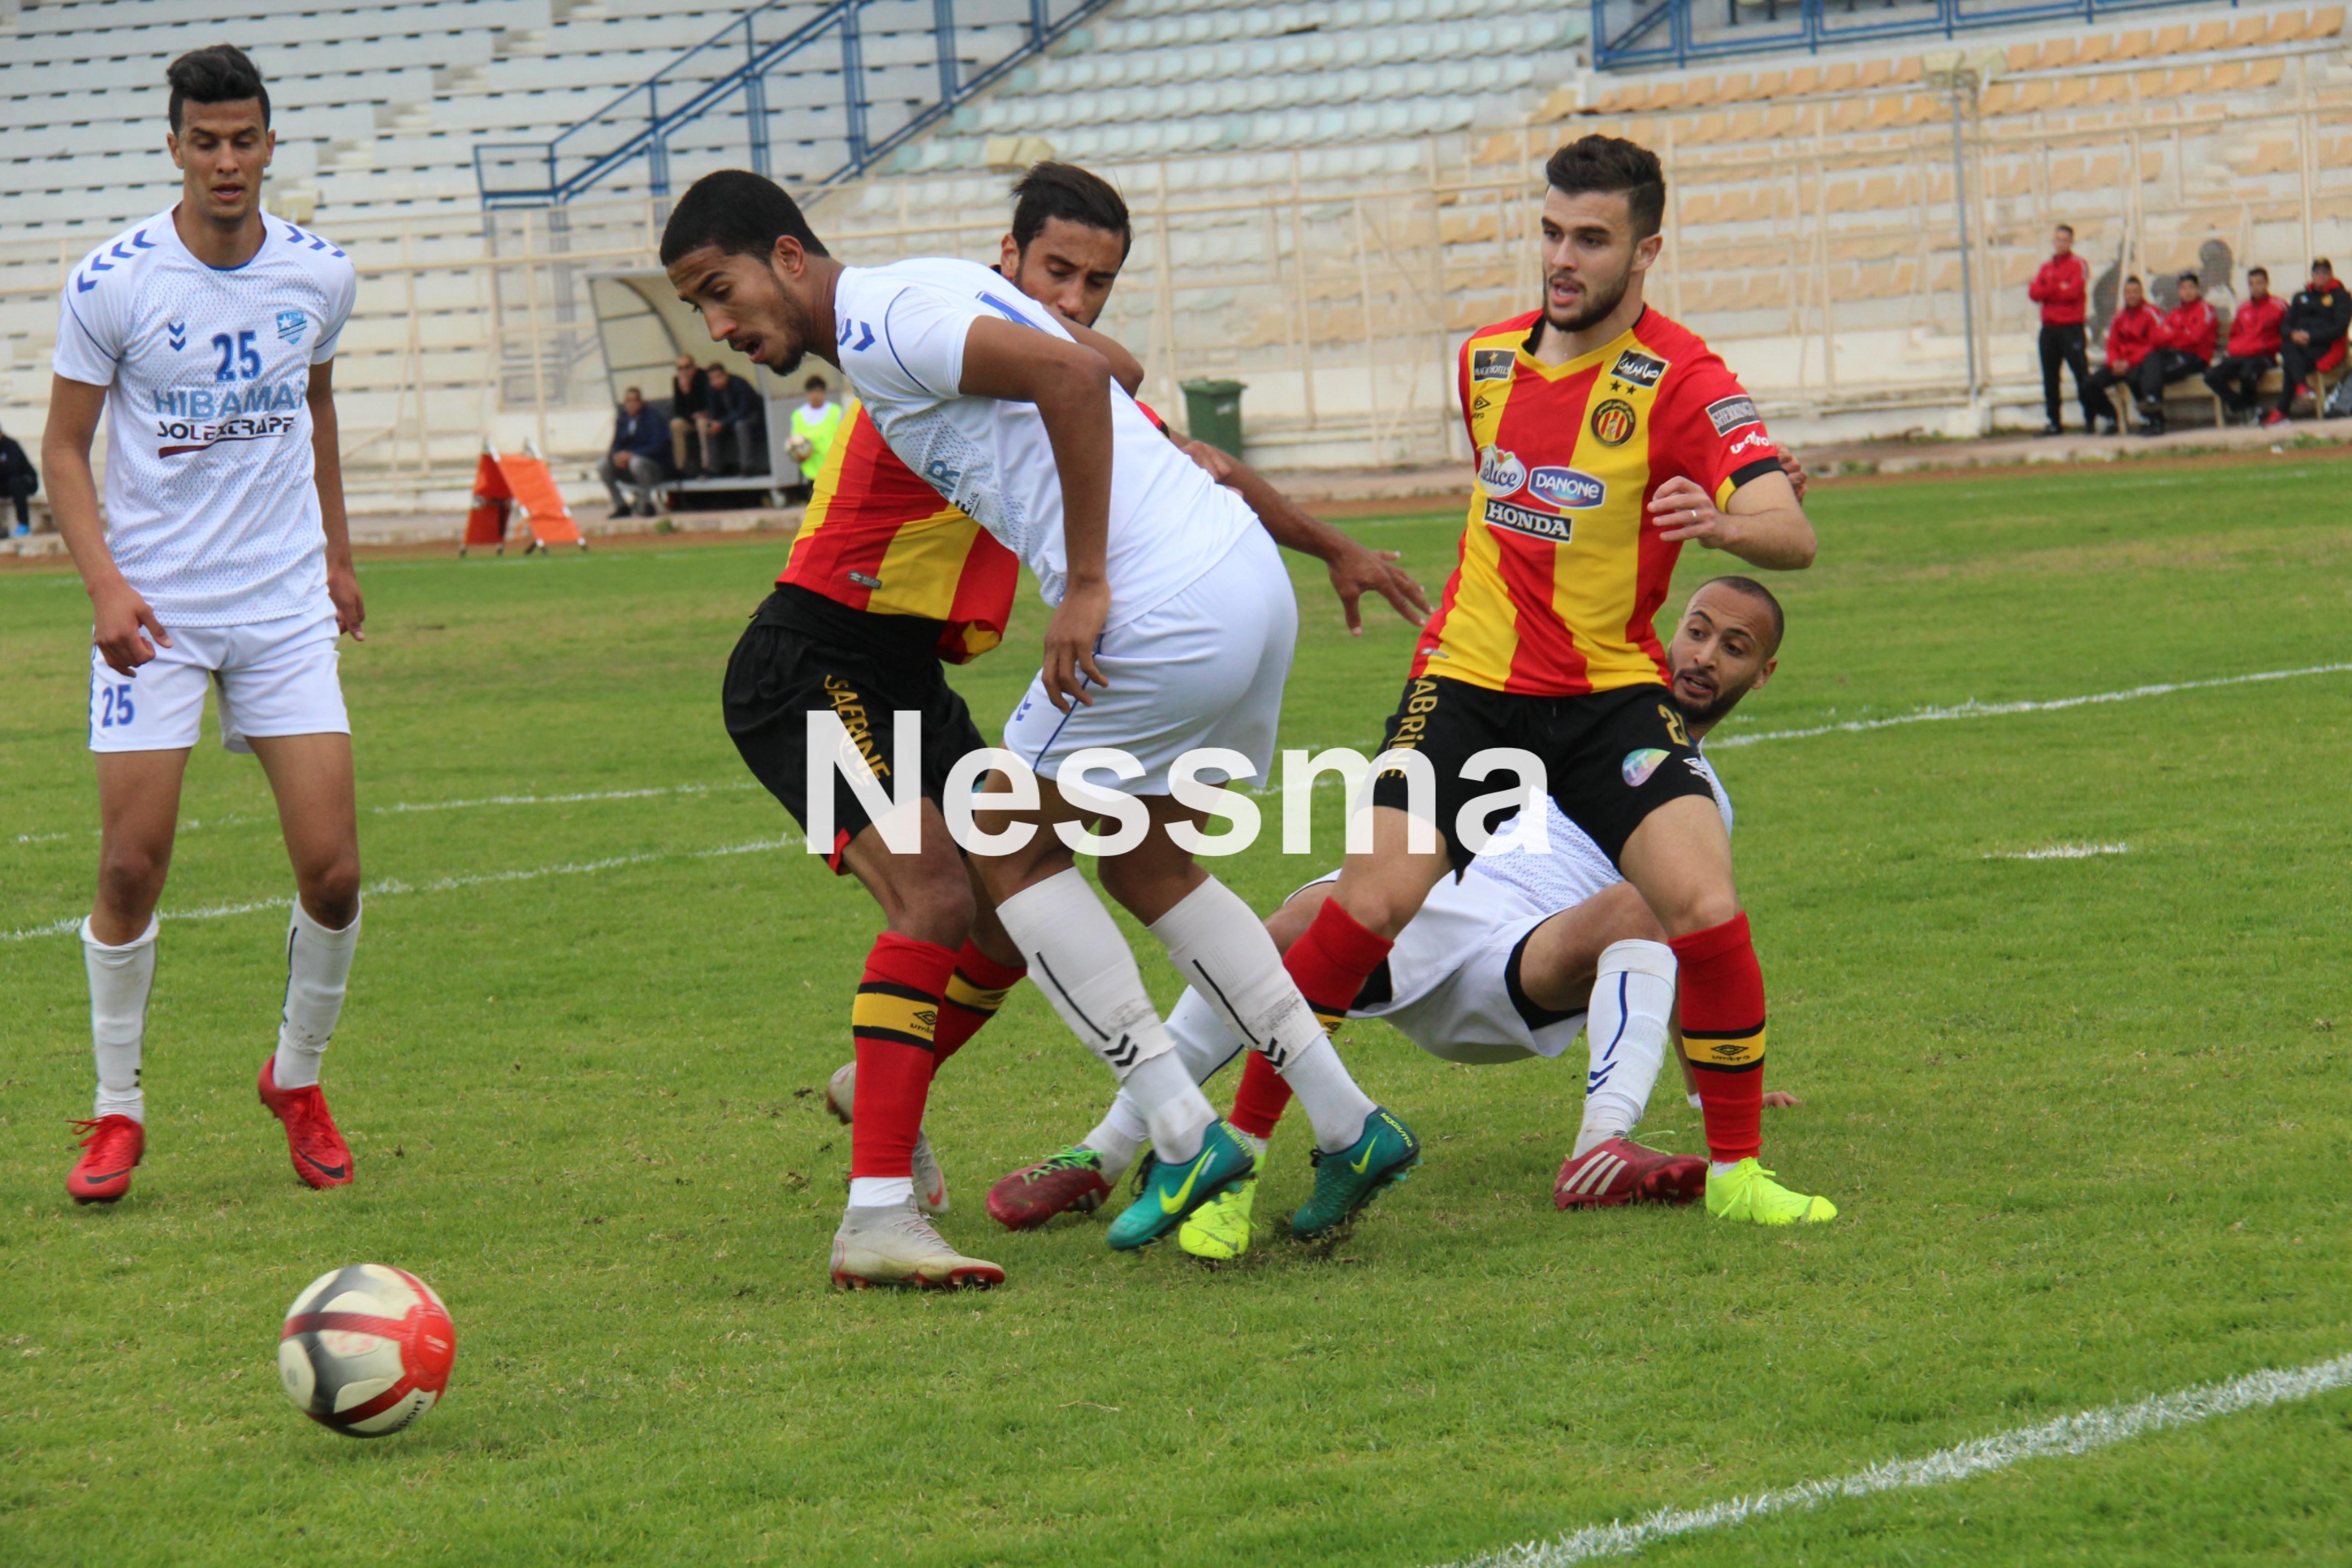 صور مباراة الترجي الرياضي التونسي و النجم الرادسي